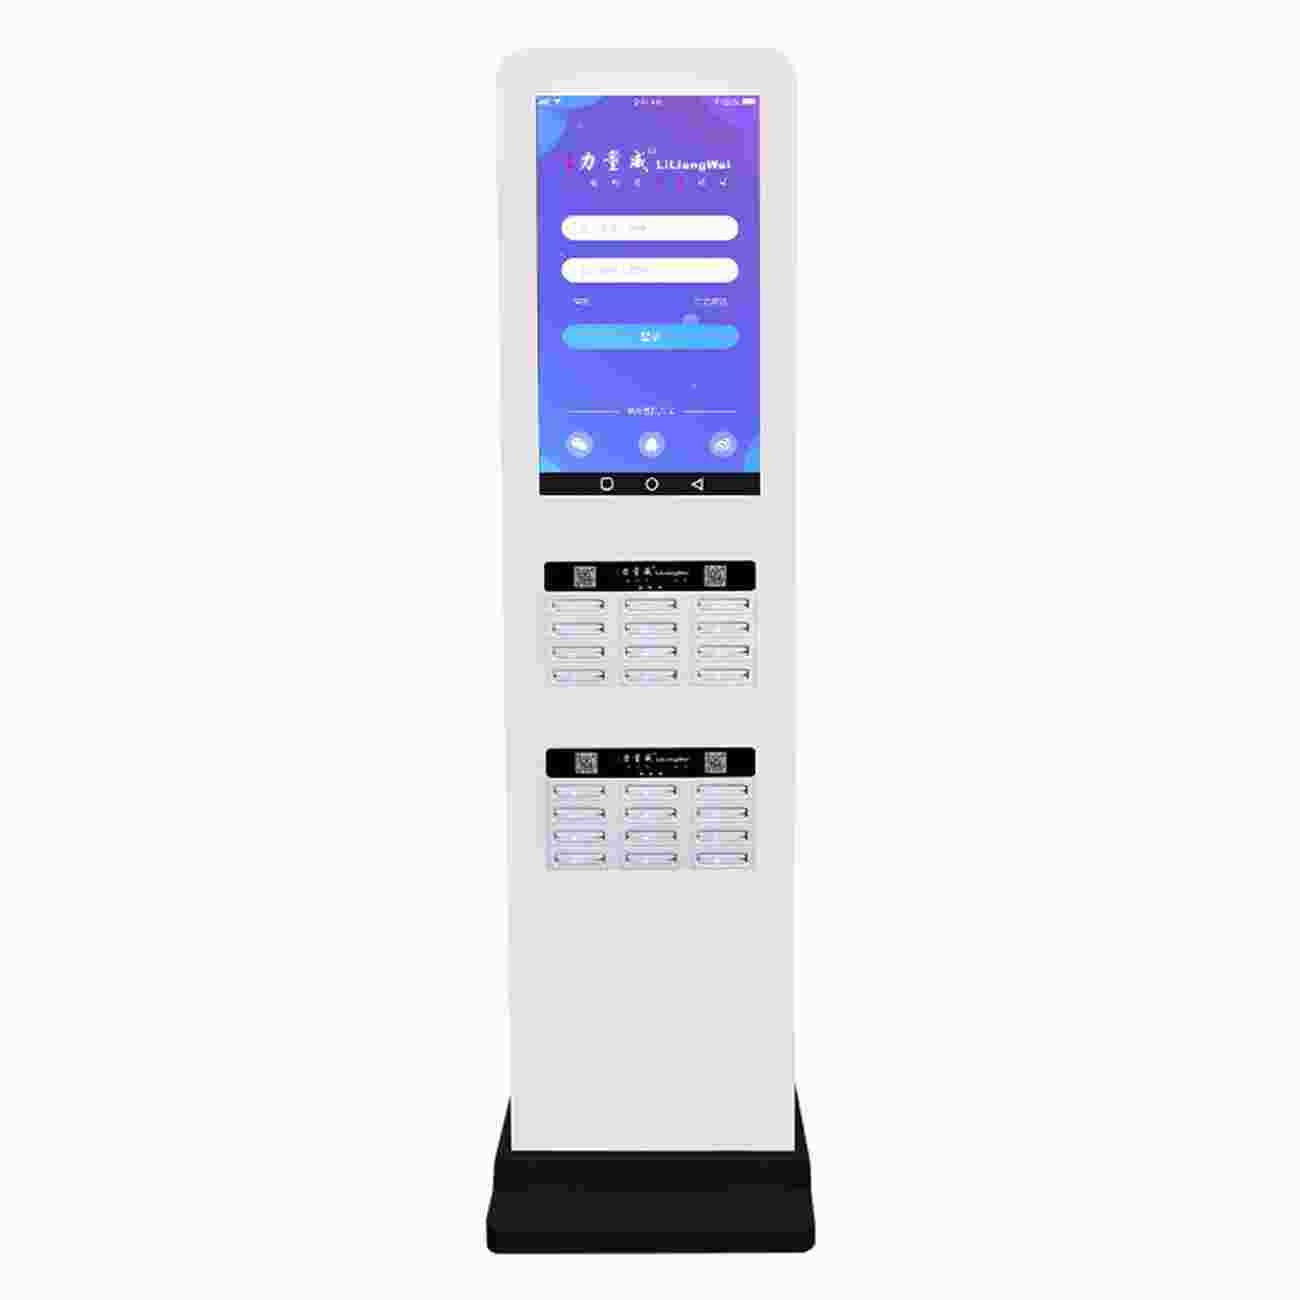 共享充电宝24口广告机共享充电宝厂家力量威大型广告租赁柜